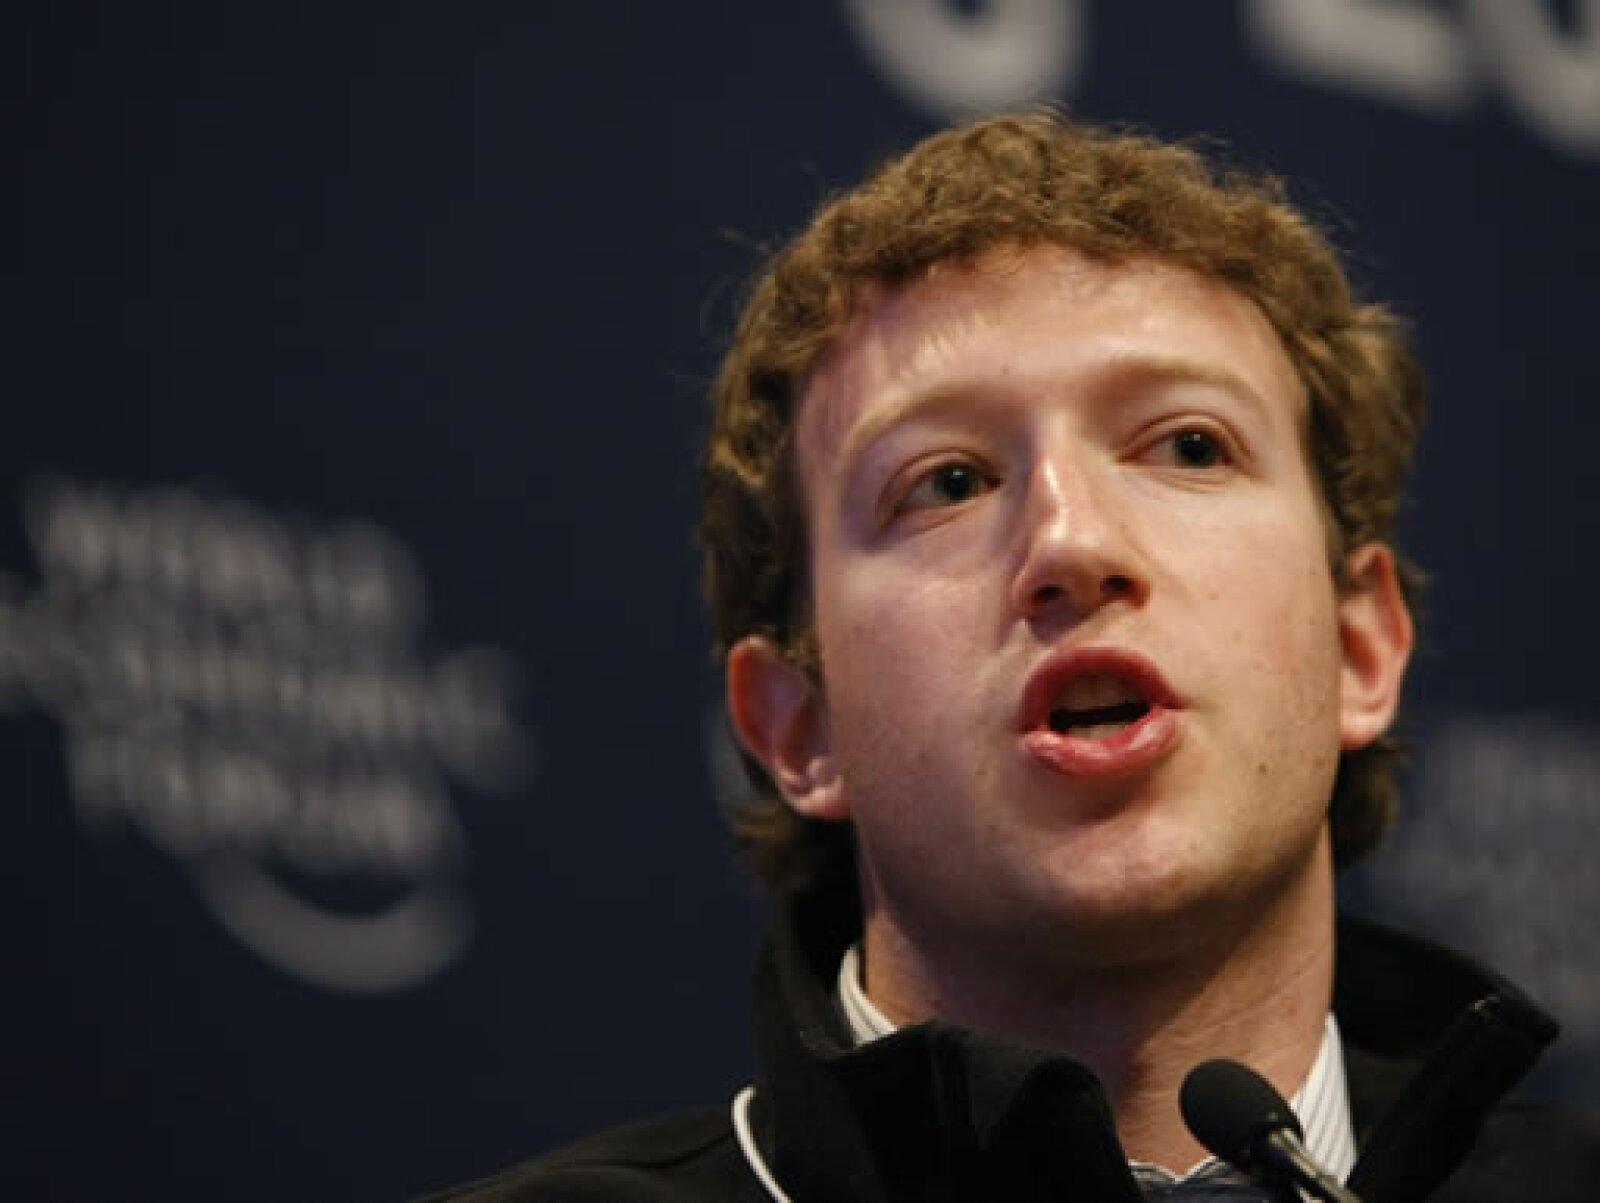 Mark Zuckerberg, fundador de Facebook, resaltó que el acceso a Internet móvil hace más fácil a una gran cantidad de gente compartir información.